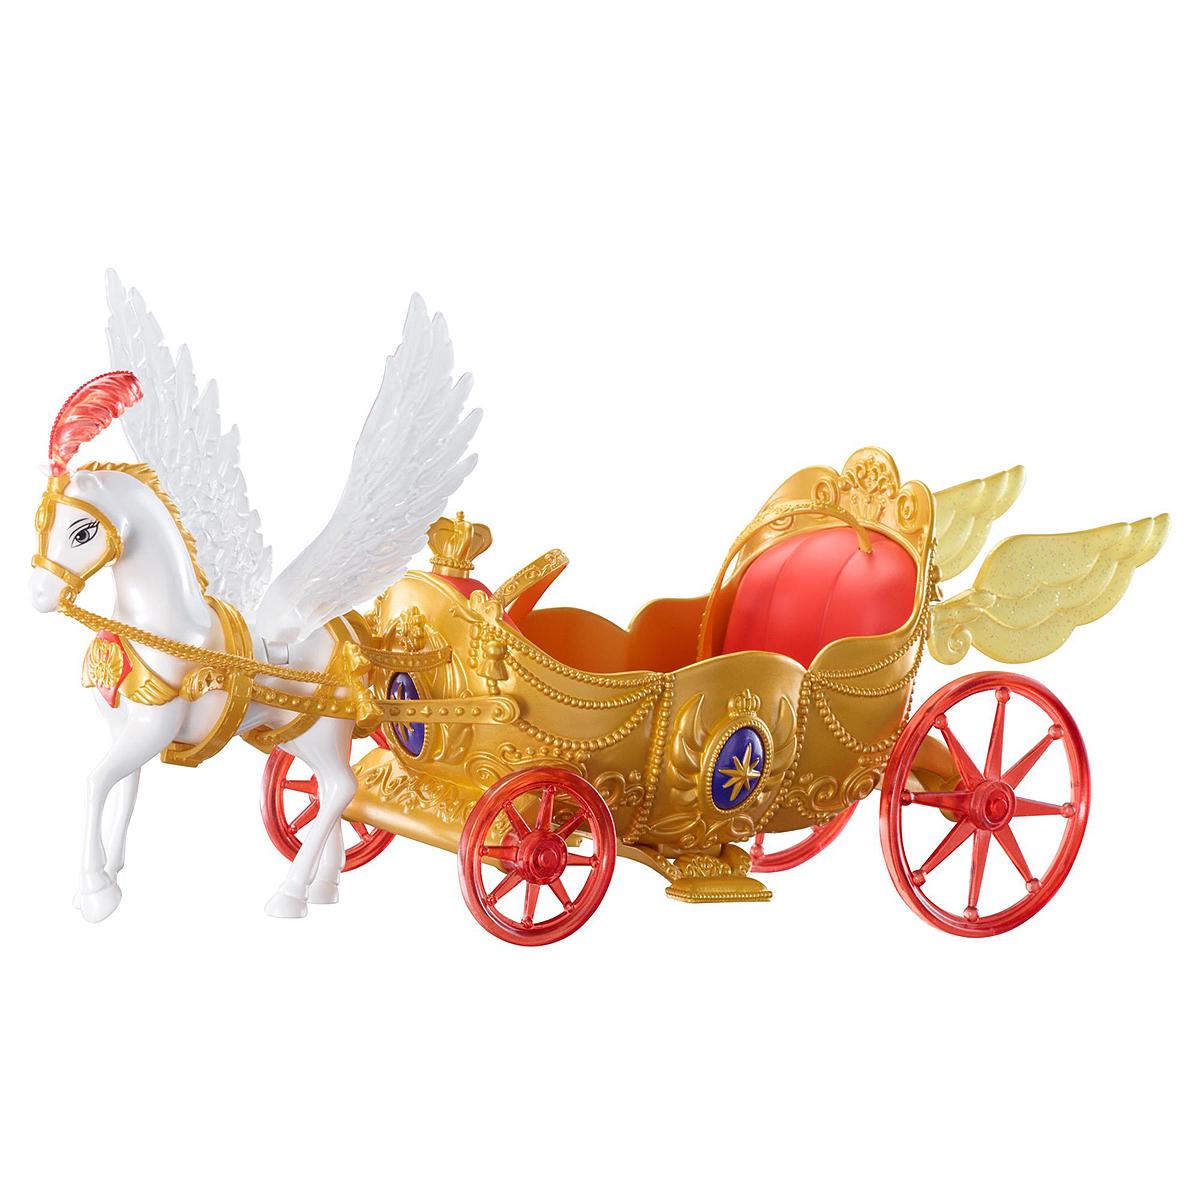 Sofia the First Транспорт для кукол Волшебная королевская каретаY6652Как быстро добираться до школы, чтобы не опаздывать на уроки? Волшебная летающая карета, вмещающая двух кукол, является самым быстрым передвижным средством, да еще и идеально подходящим для принцессы! В карету запряжена величественная белая лошадка с большими крыльями. Золотая карета оснащена небольшими блестящими крылышками, а также кнопкой в виде короны, нажав на которую, вы услышите очаровательную музыку, которая обеспечивает прекрасный фон для воспроизведения сцен из любимого мультфильма София Прекрасная. Порадуйте свою малышку таким замечательным подарком! Куклы приобретаются отдельно. Рекомендуется докупить 3 батареи напряжением 1,5V типа АG13 (товар комплектуется демонстрационными).